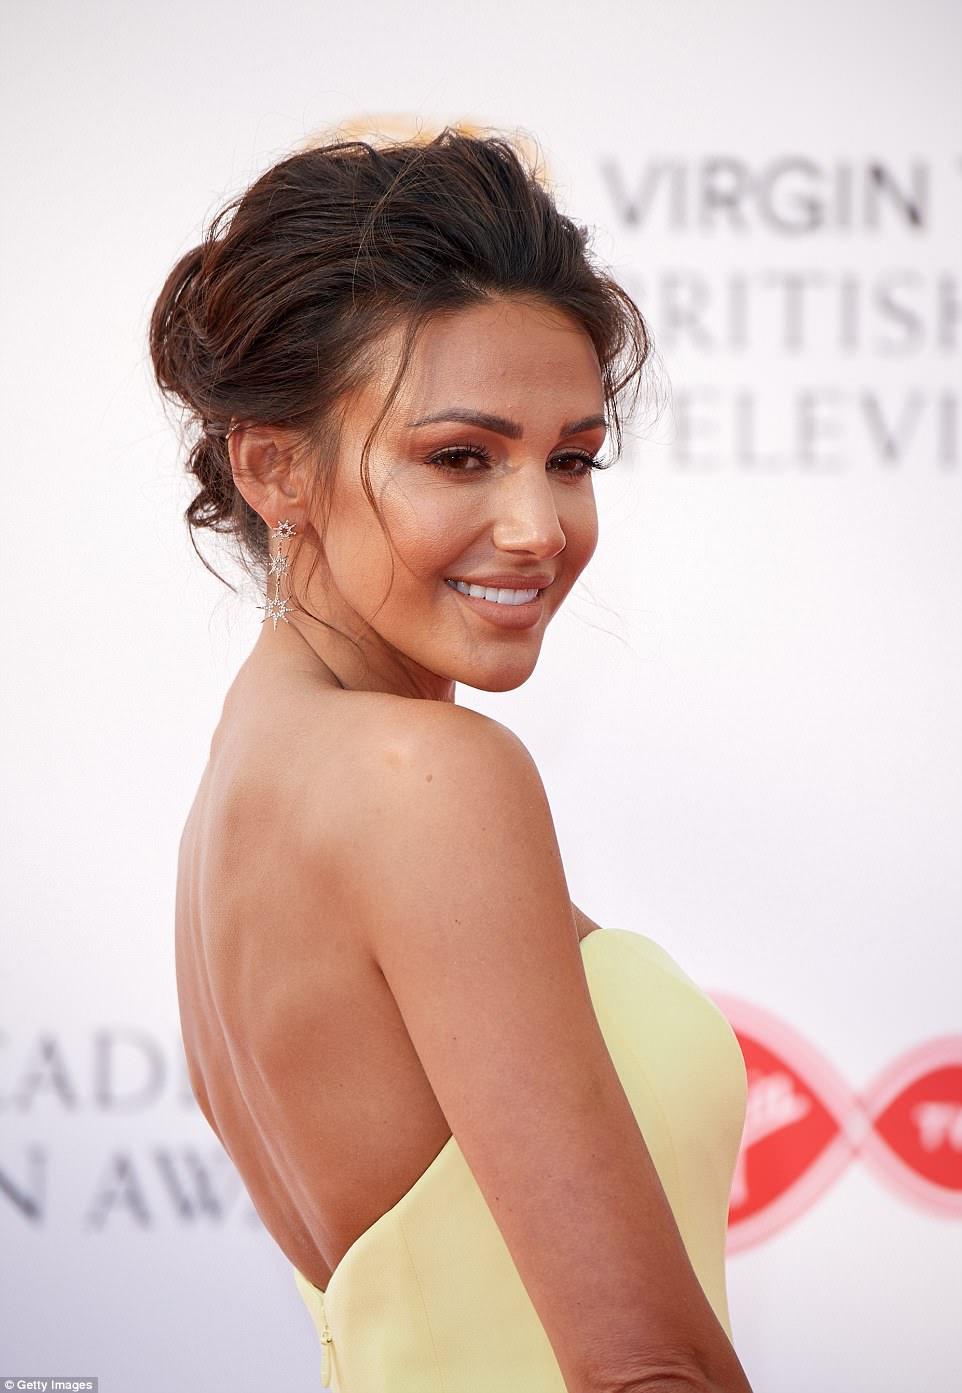 Bronzeada: A atriz deslumbrante desencadeou suas características marcantes com uma varredura de bronzer e um lábio nu